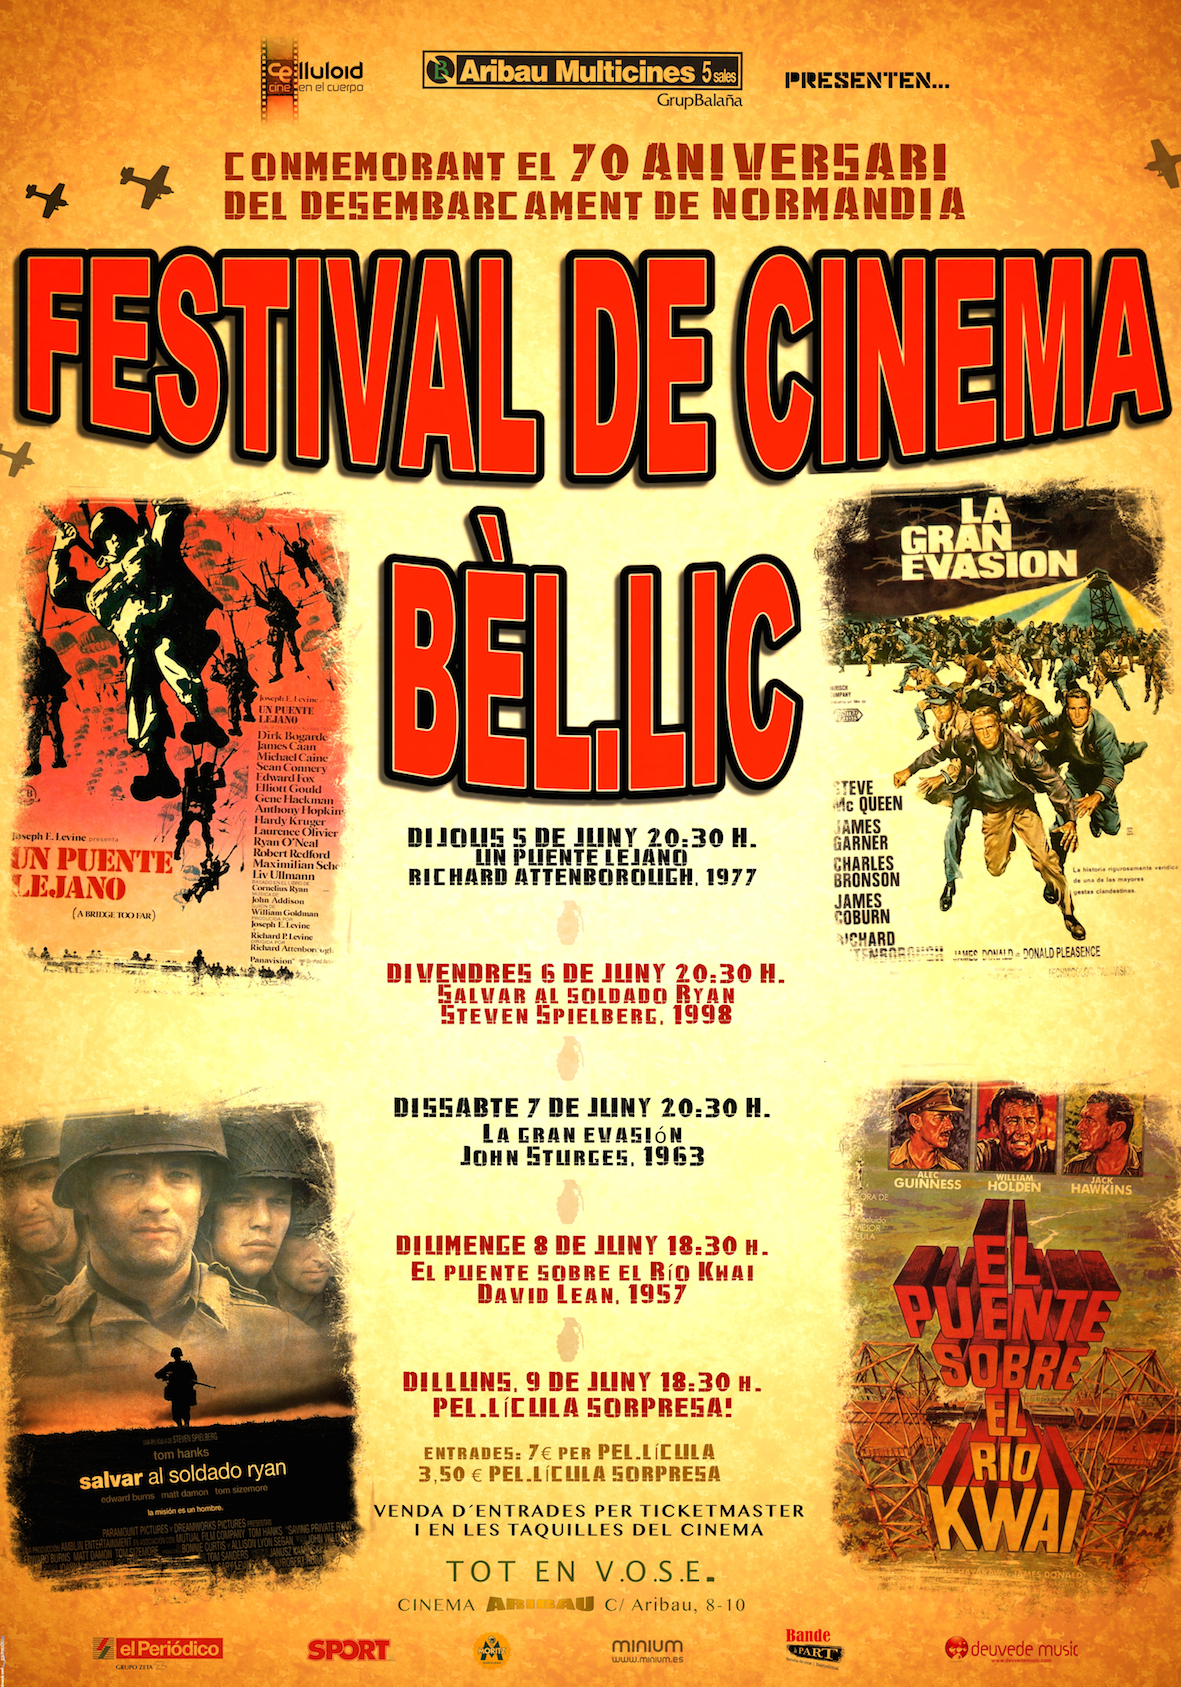 Festival de Cinema Bèl.lic- Cinema Aribau- Del 5 al 9 de juny